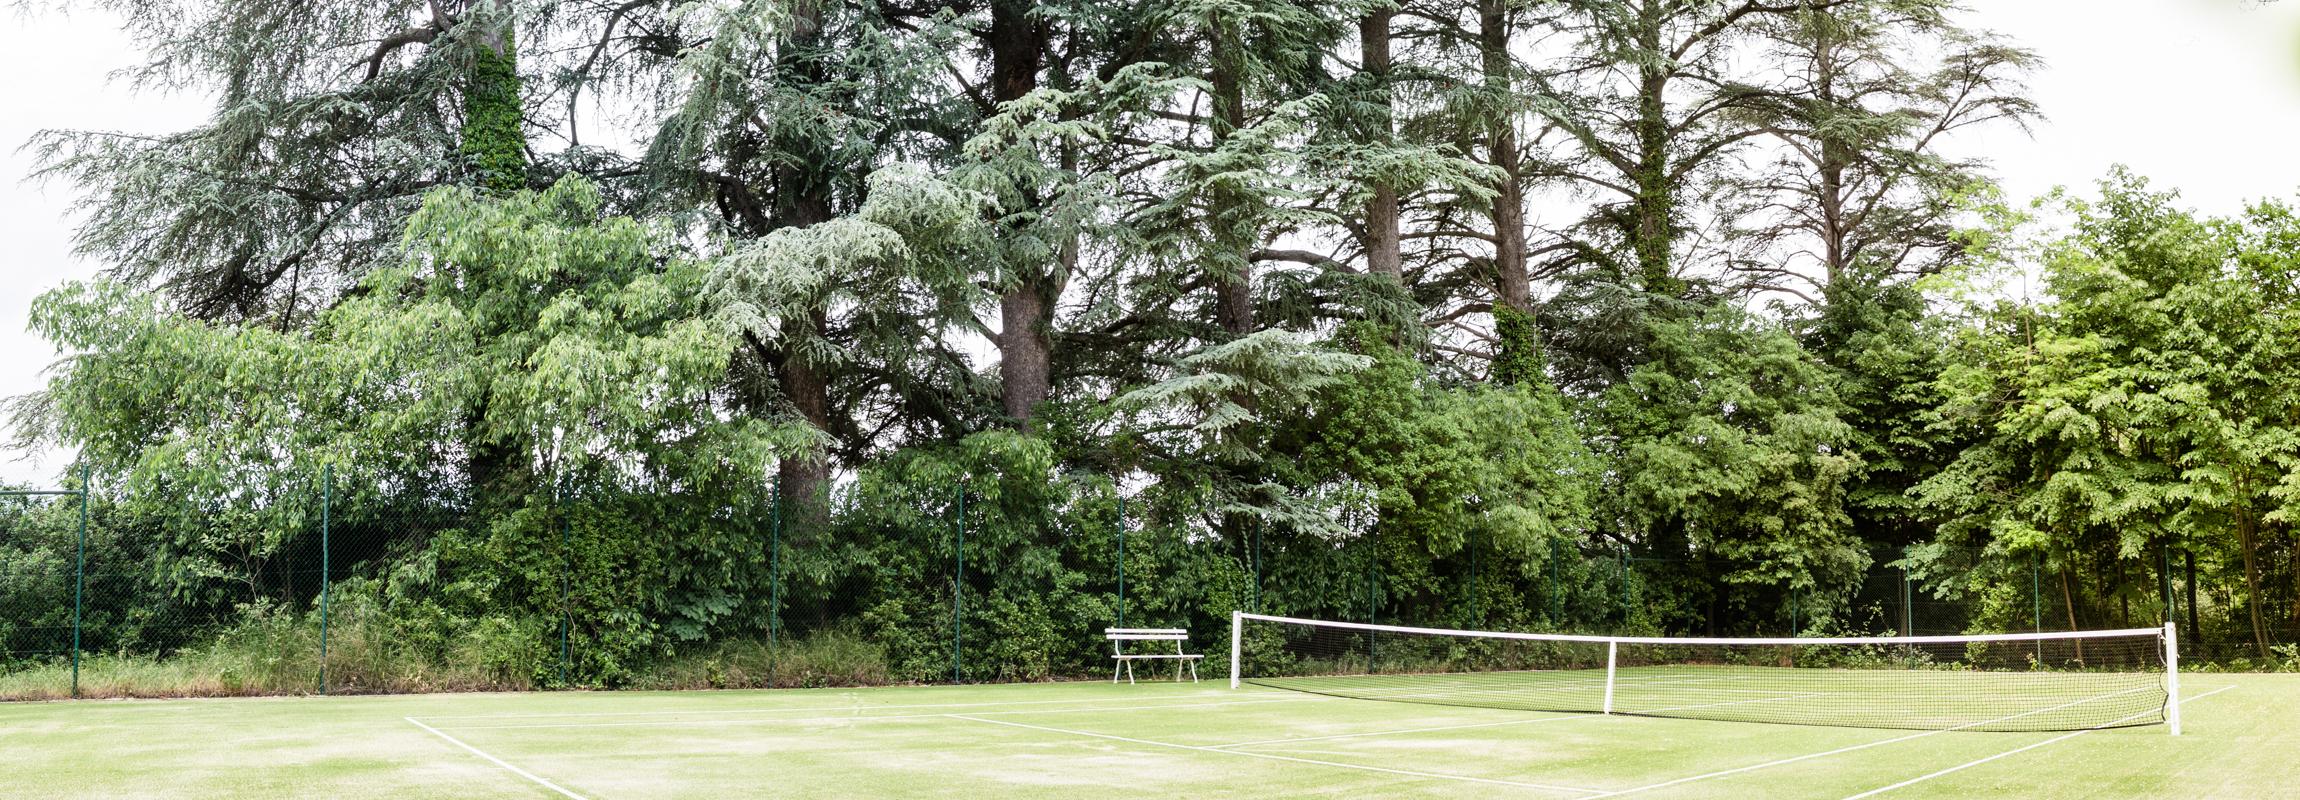 Der Tennisplatz des Hotels Château de Montcaud (Provence, Südfrankreich) steht in einer der schönsten Ecken des Schlossparks, umgeben von jahrhunderte alten Bäumen.